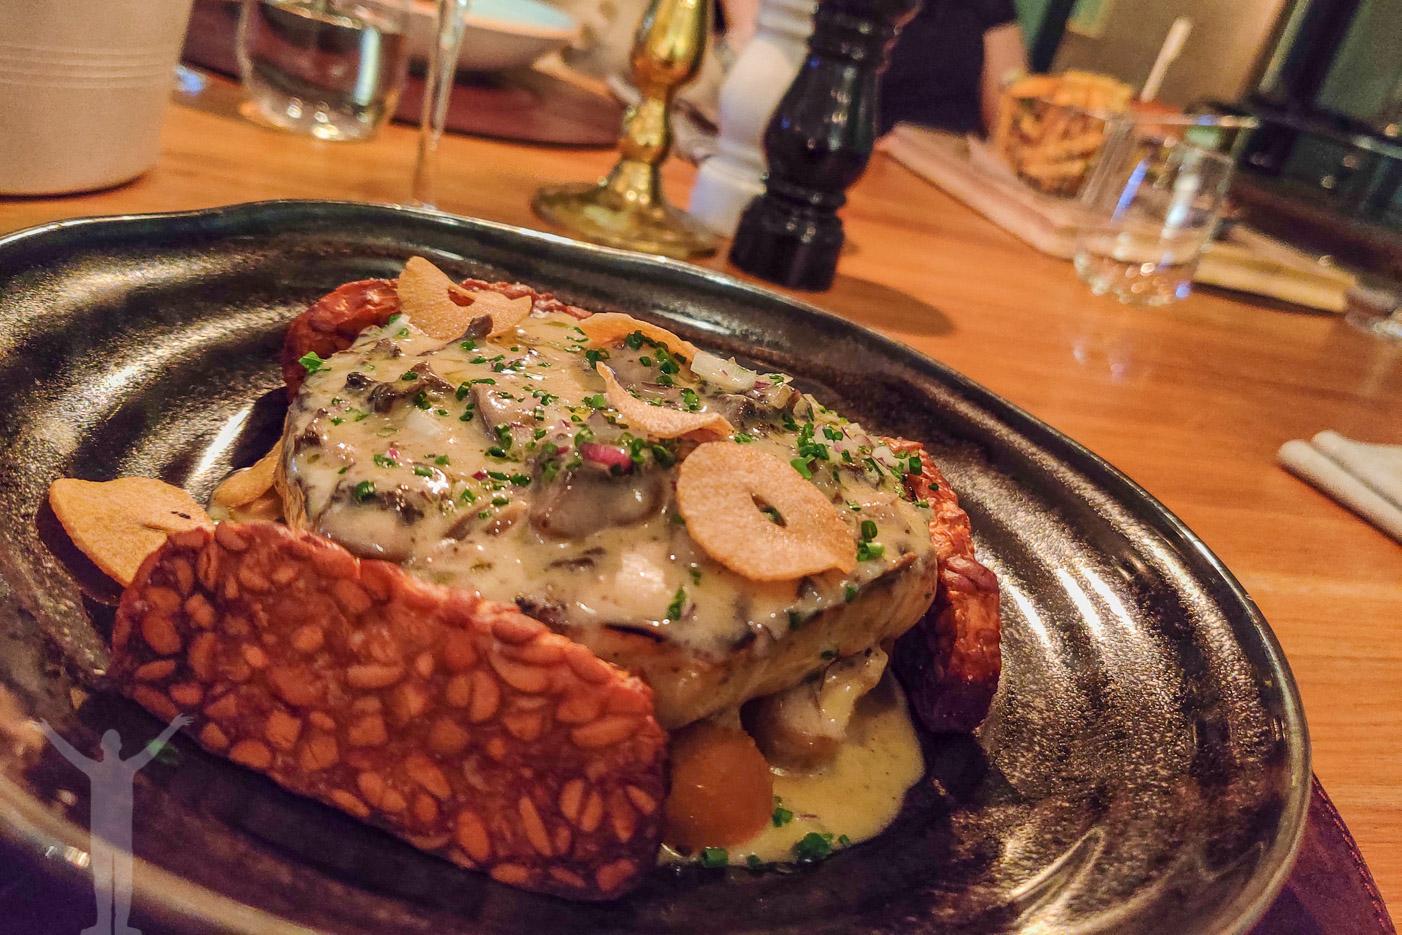 Middag på Clarion i Östersund